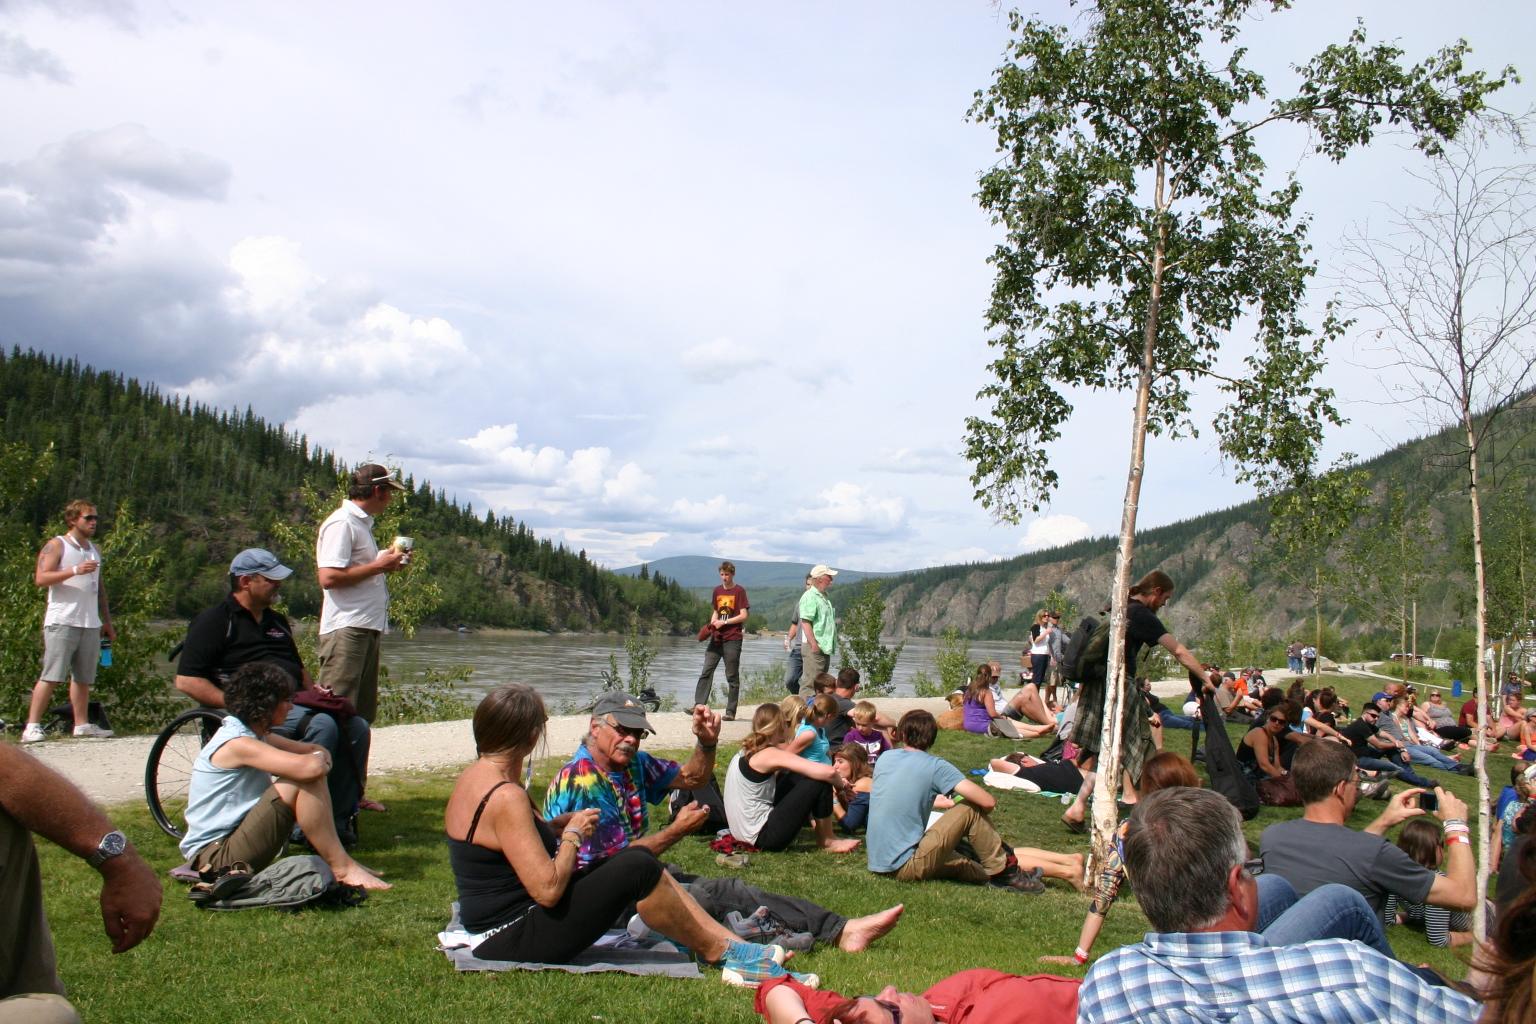 Gazebo Stage along the Yukon River